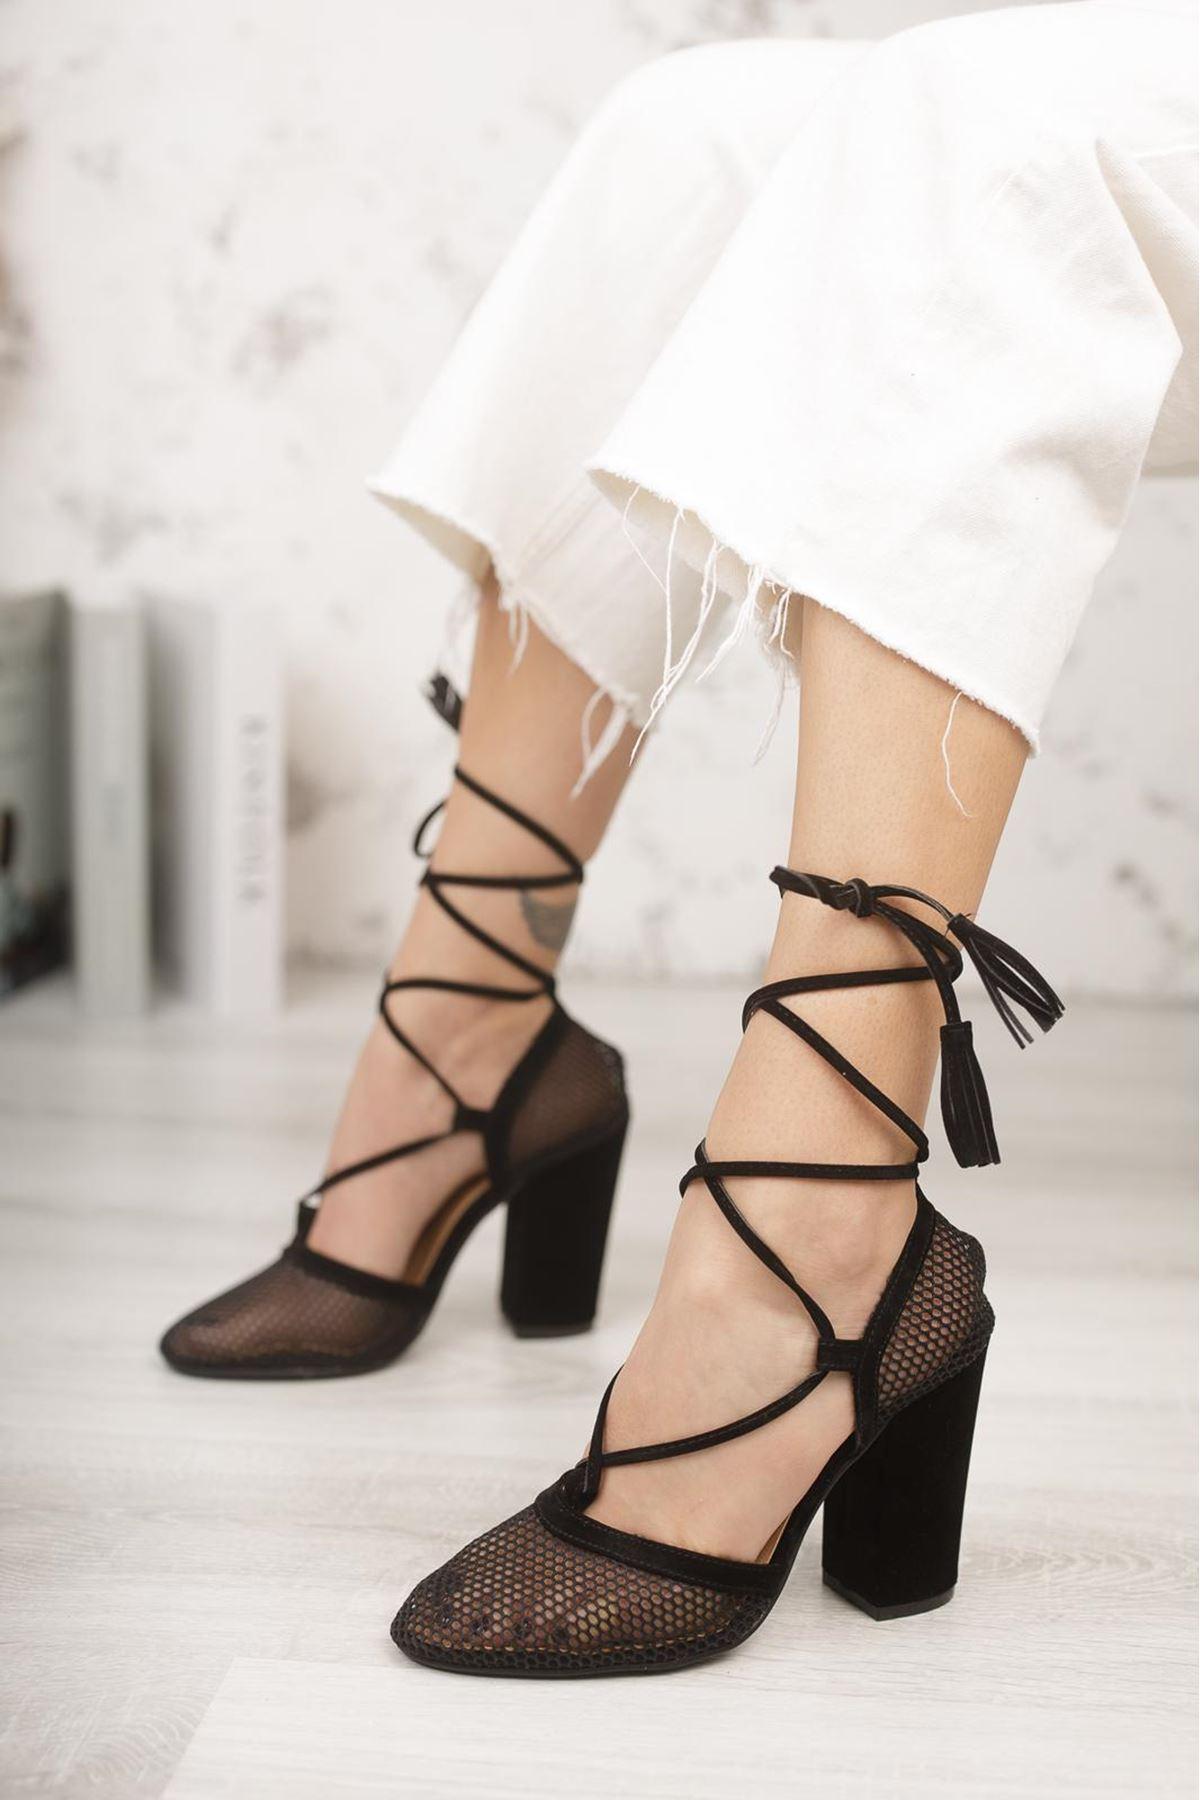 Kadın Tores File Detaylı Siyah Topuklu Ayakkabı